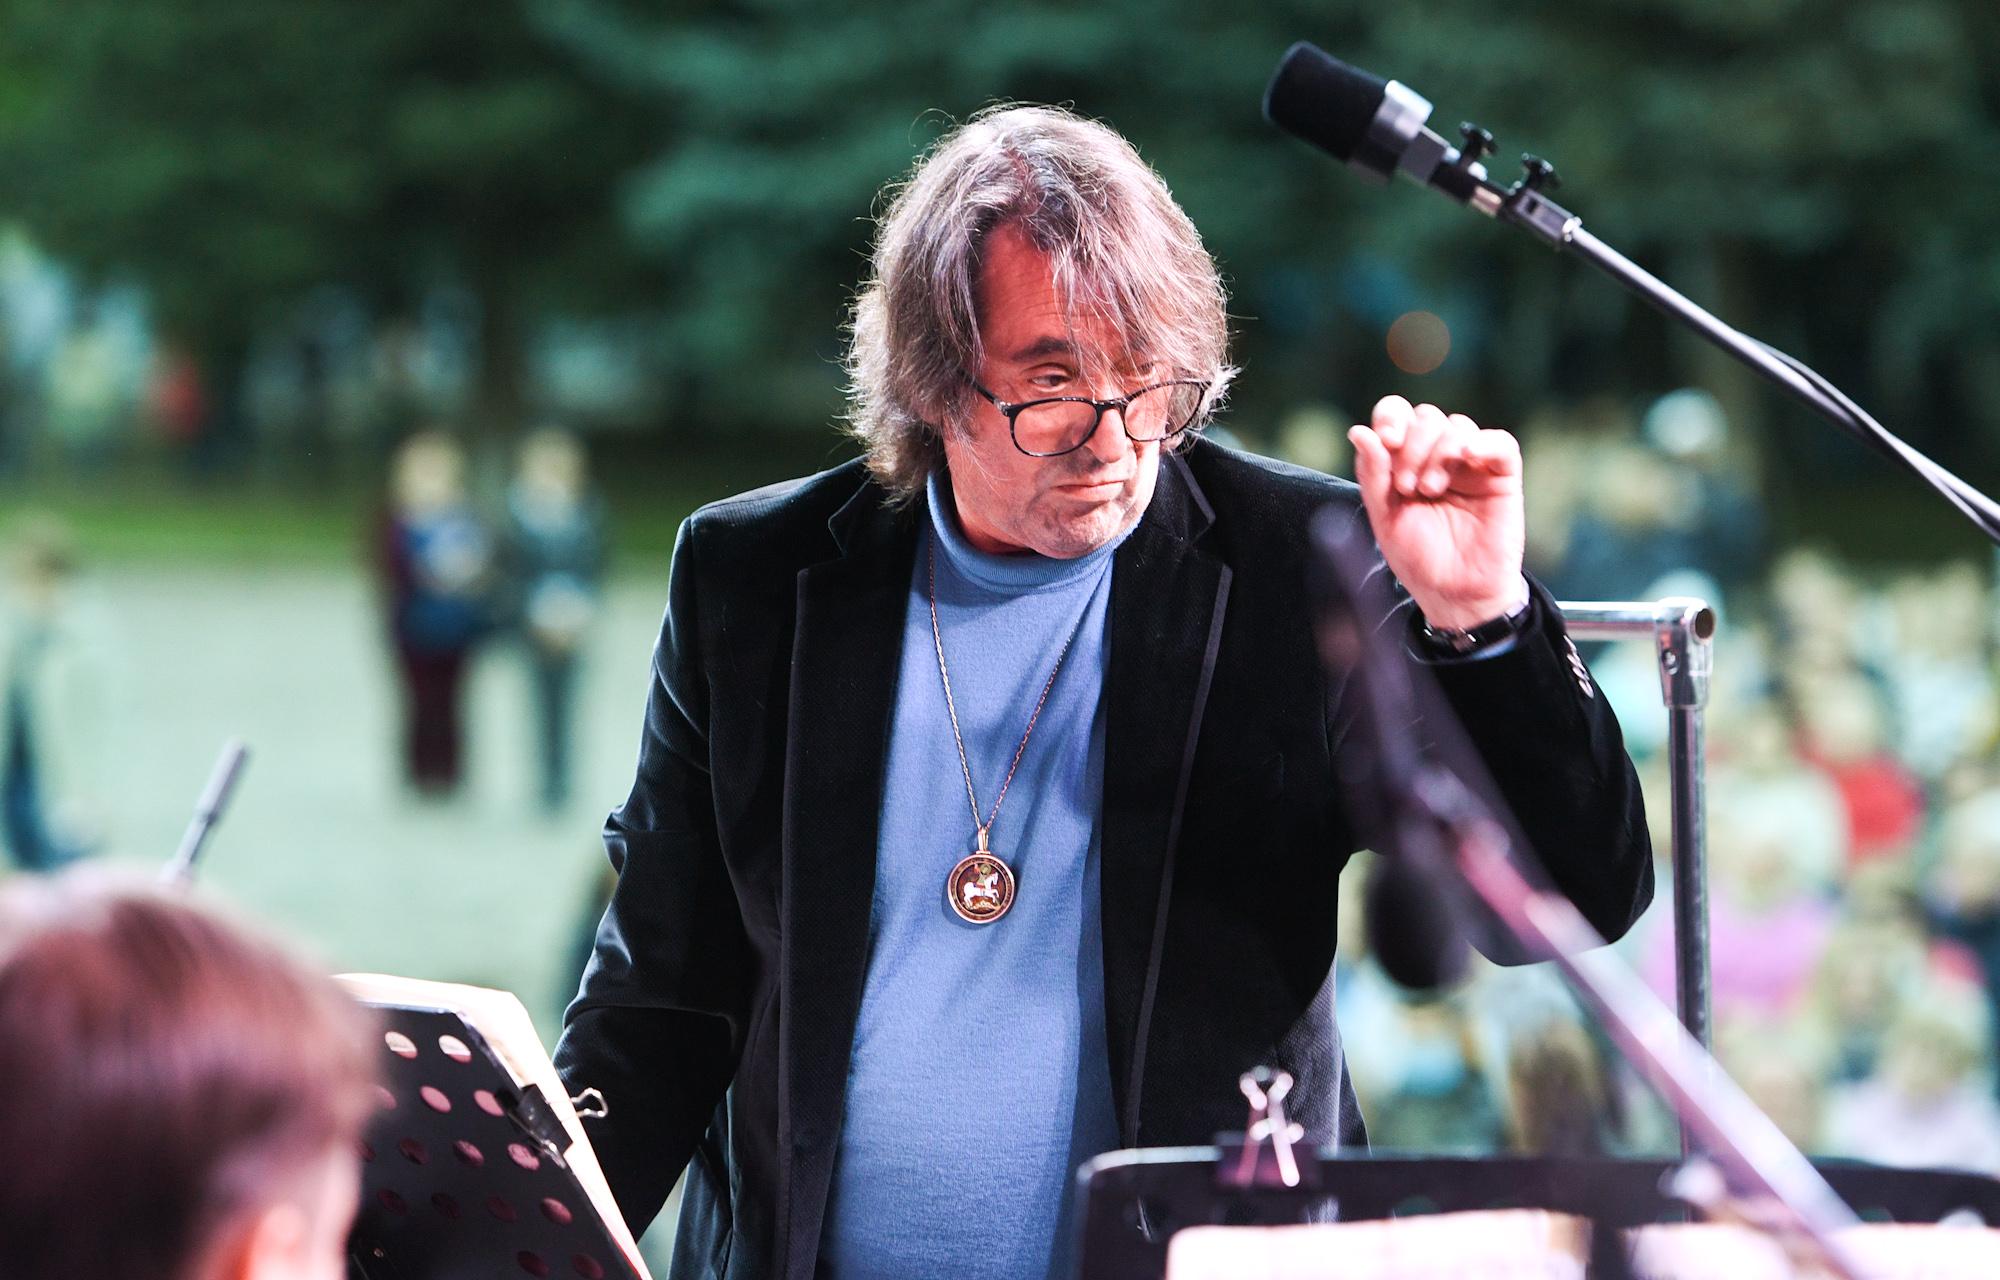 В Твери состоялся Фестиваль искусств Юрия Башмета